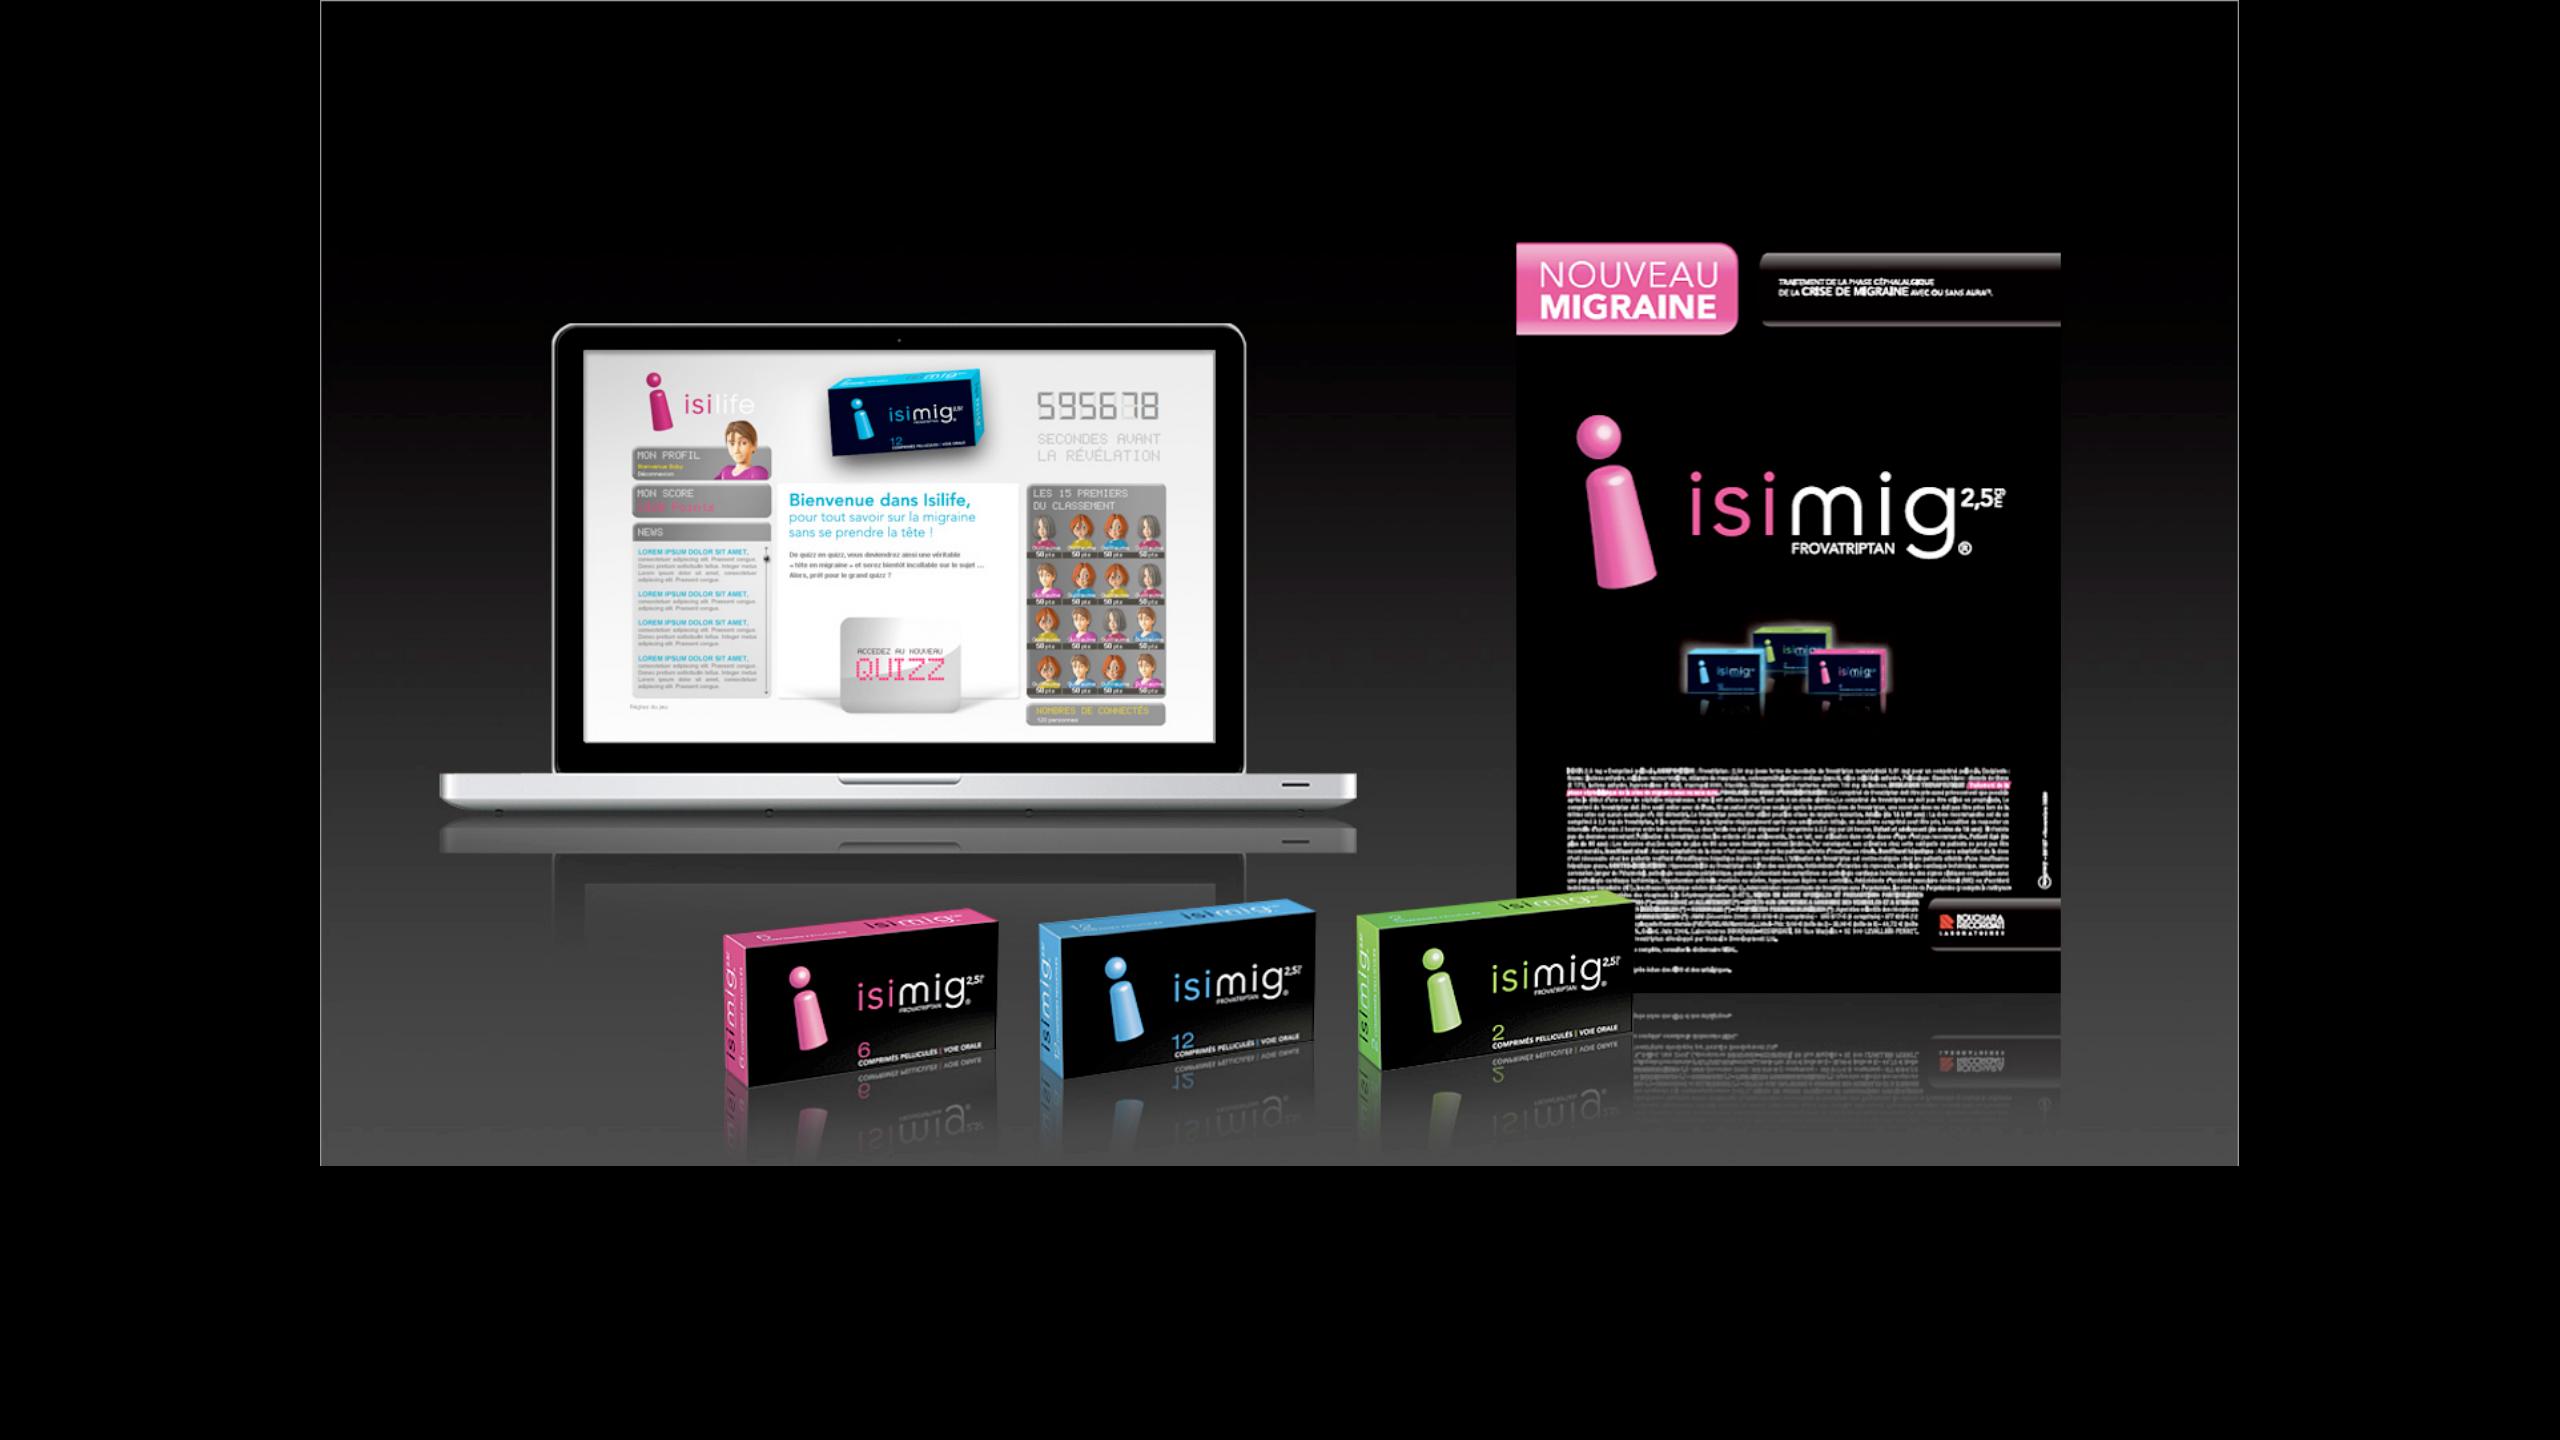 produit éthique Isimig by agency